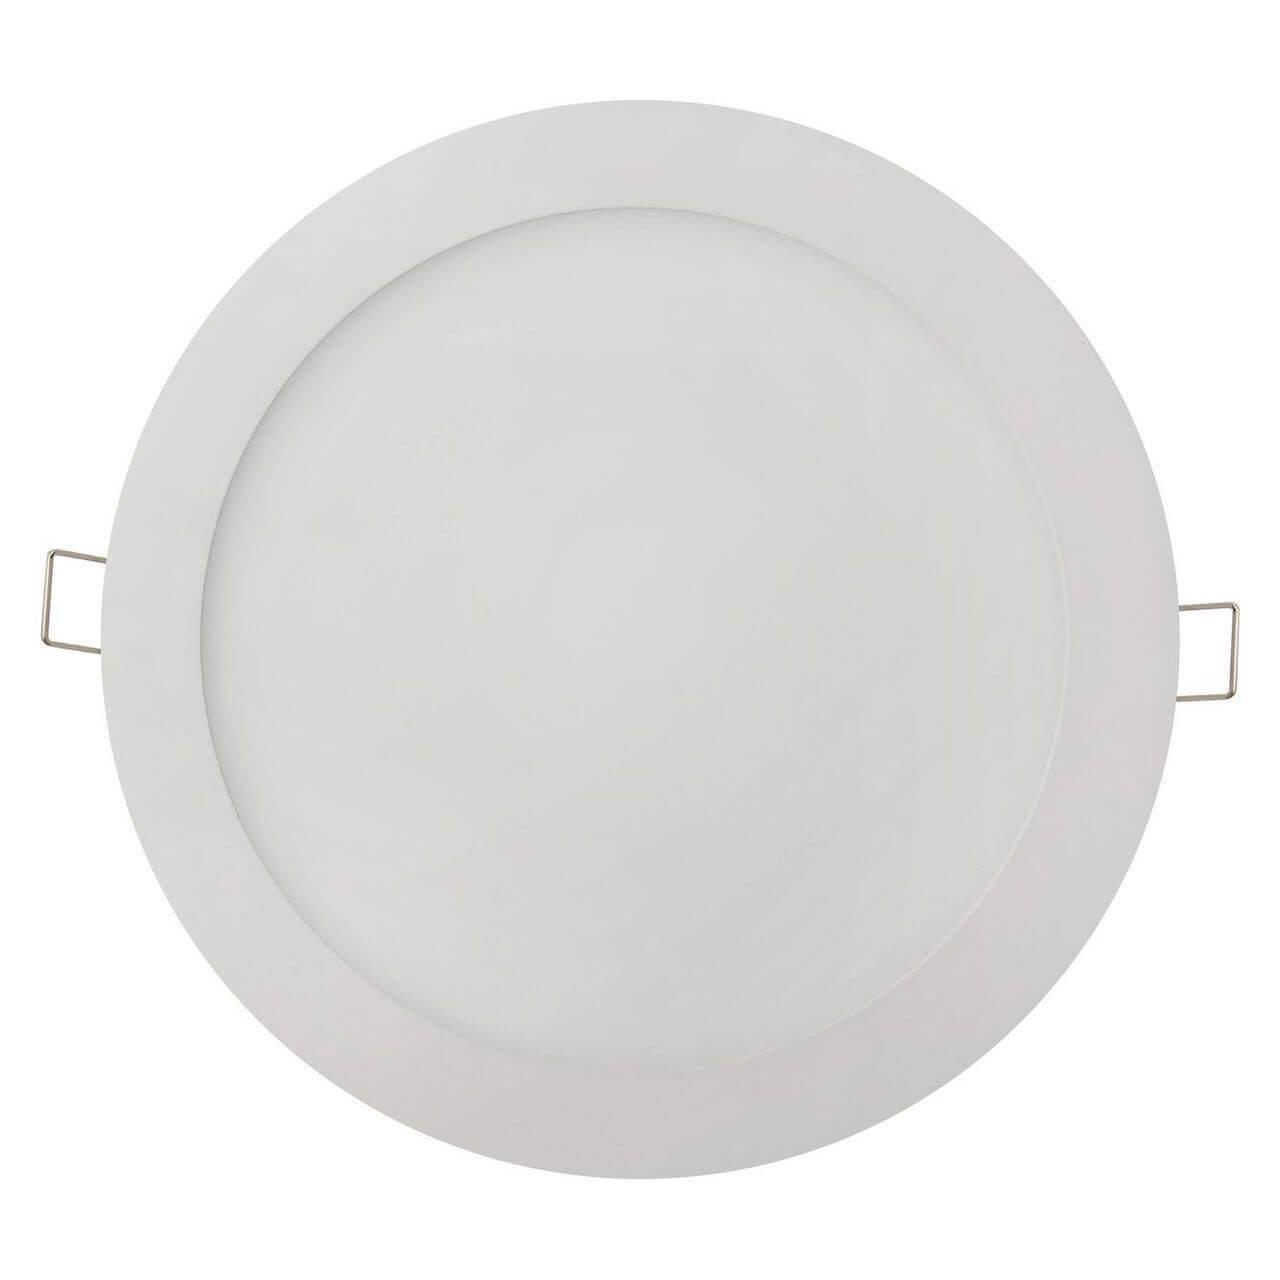 Встраиваемый светодиодный светильник Horoz Slim-15 15W 2700K 056-003-0015 встраиваемый светодиодный светильник horoz slim 15 15w 2700k 056 003 0015